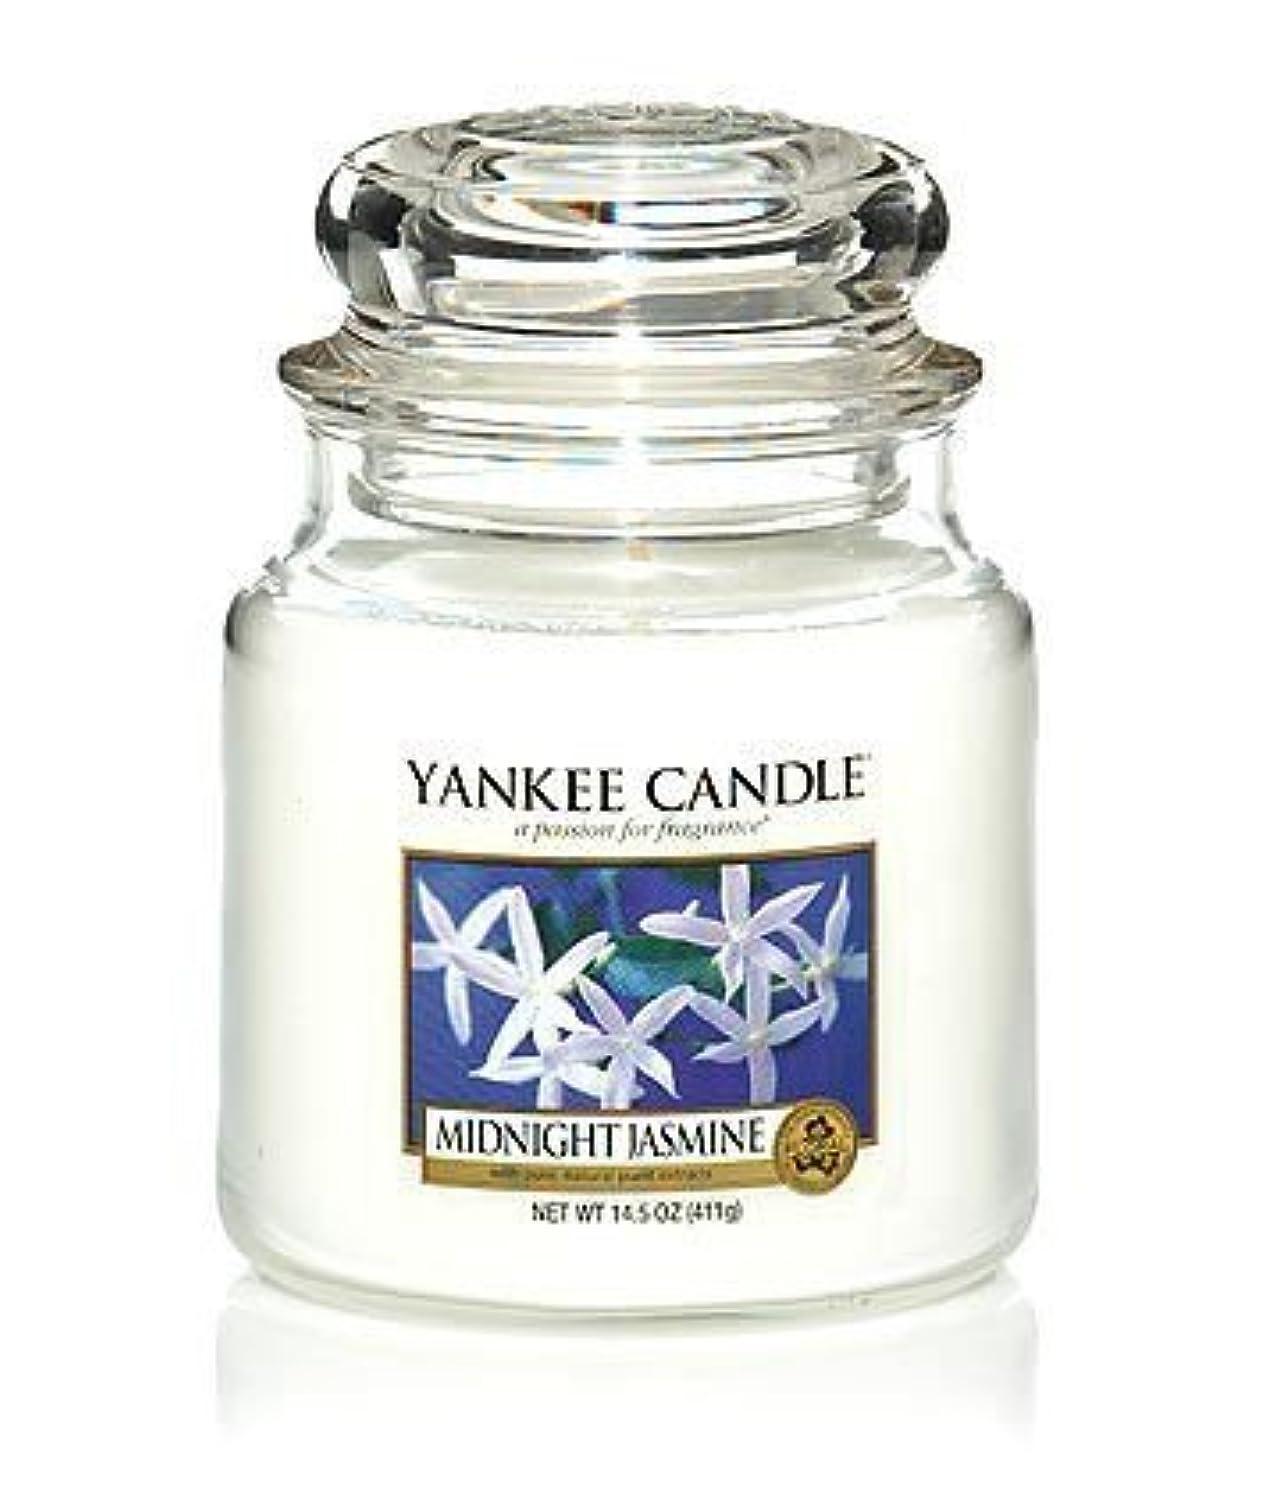 チャレンジインストールフットボールYankee Candle Midnight Jasmine Medium Jar Candle, Floral Scent by Yankee Candle [並行輸入品]